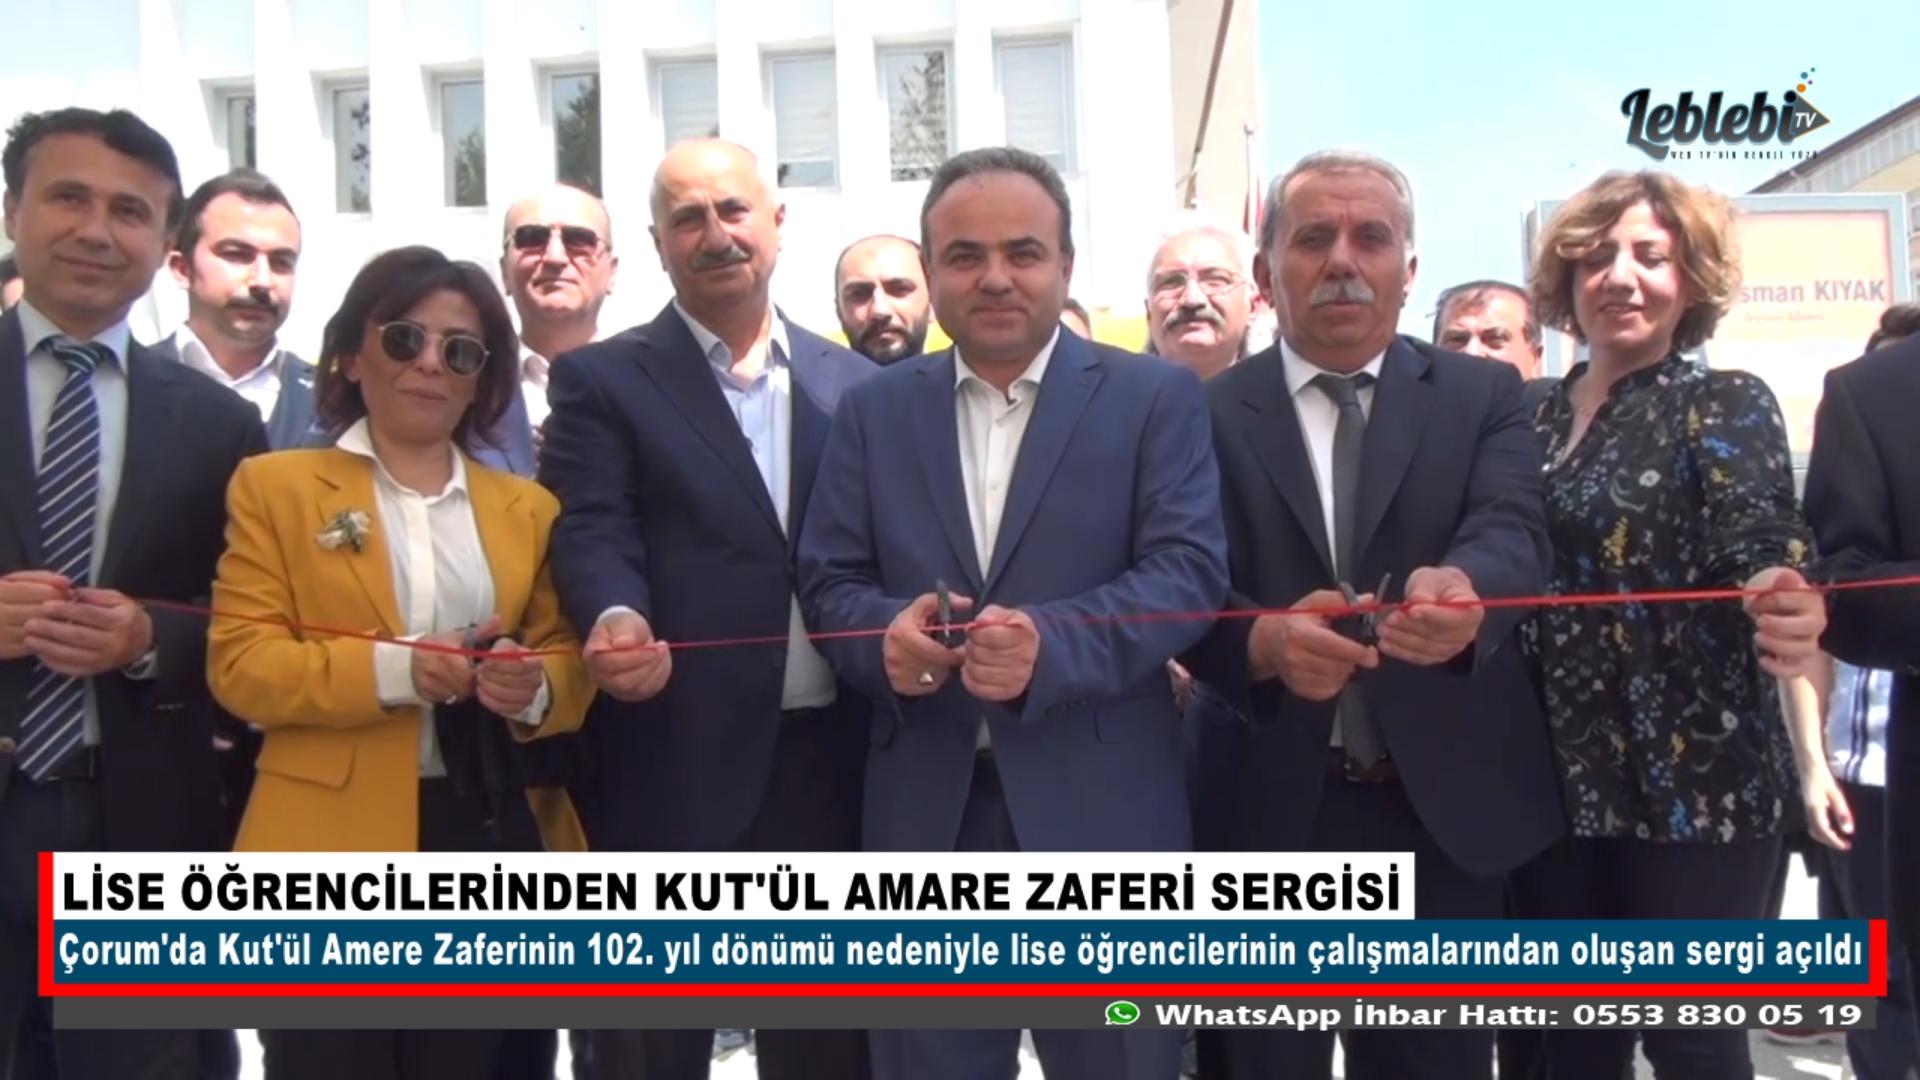 LİSE ÖĞRENCİLERİNDEN KUT'ÜL AMARE ZAFERİ SERGİSİ